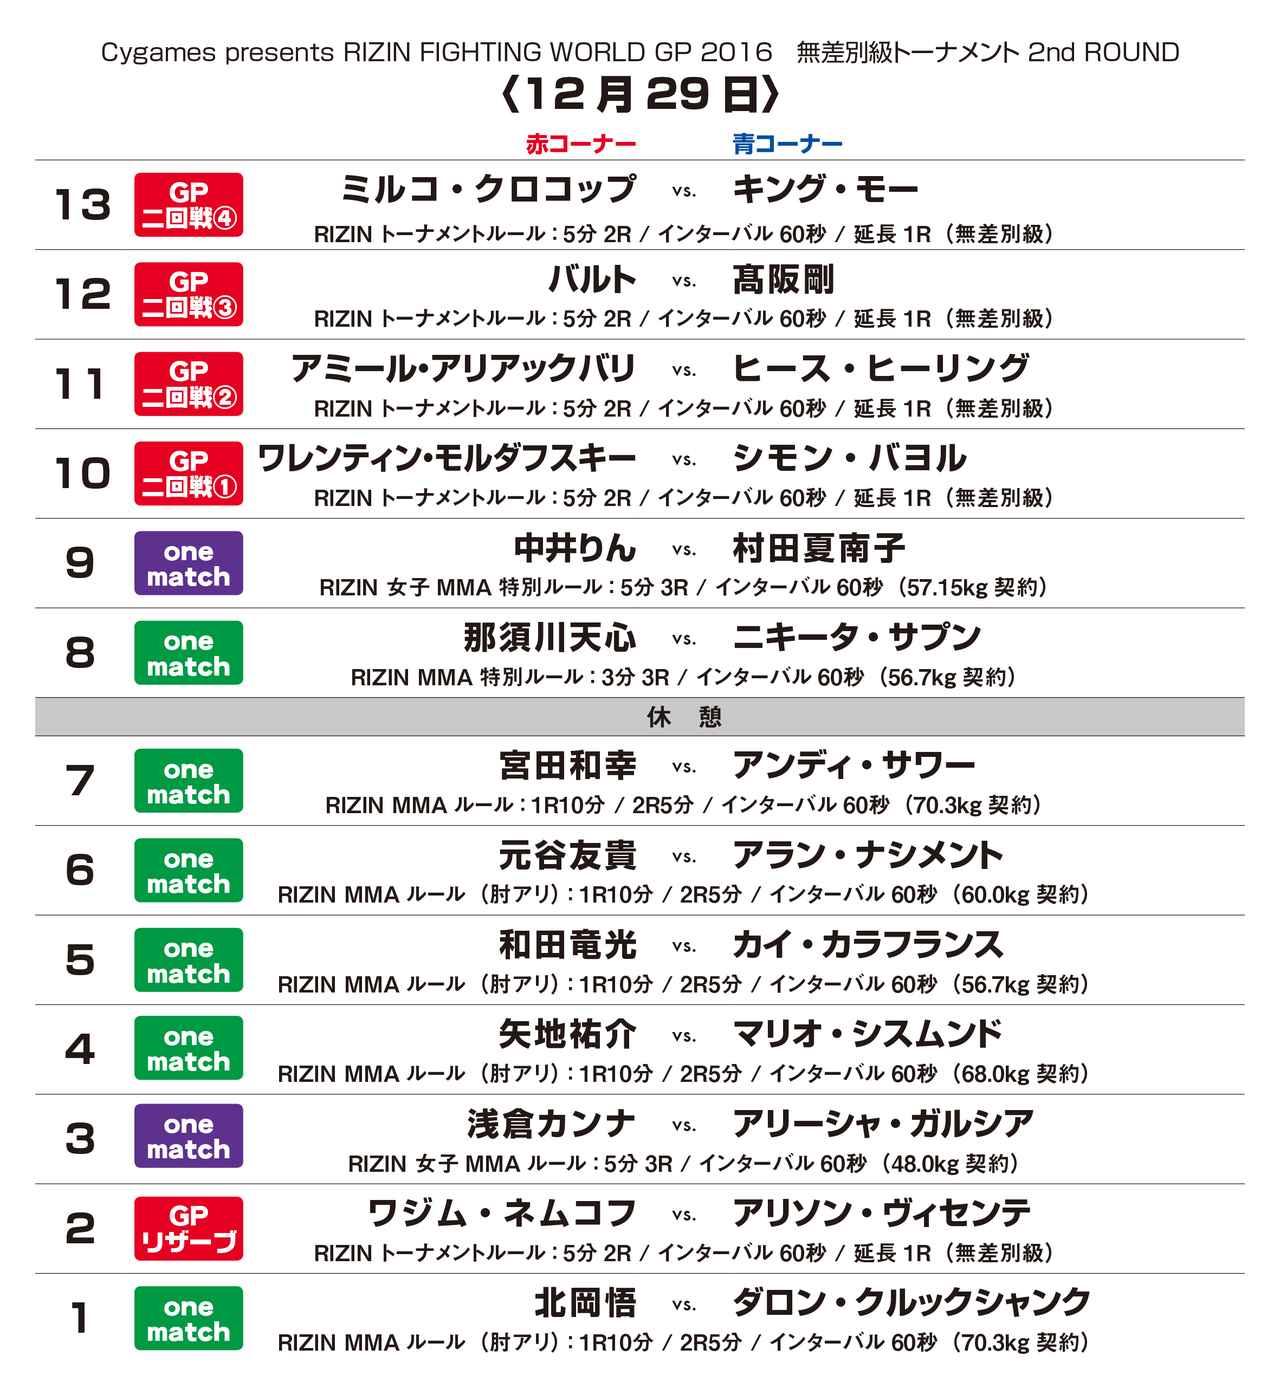 画像2: 第1試合:北岡悟 vs. ダロン・クルックシャンク